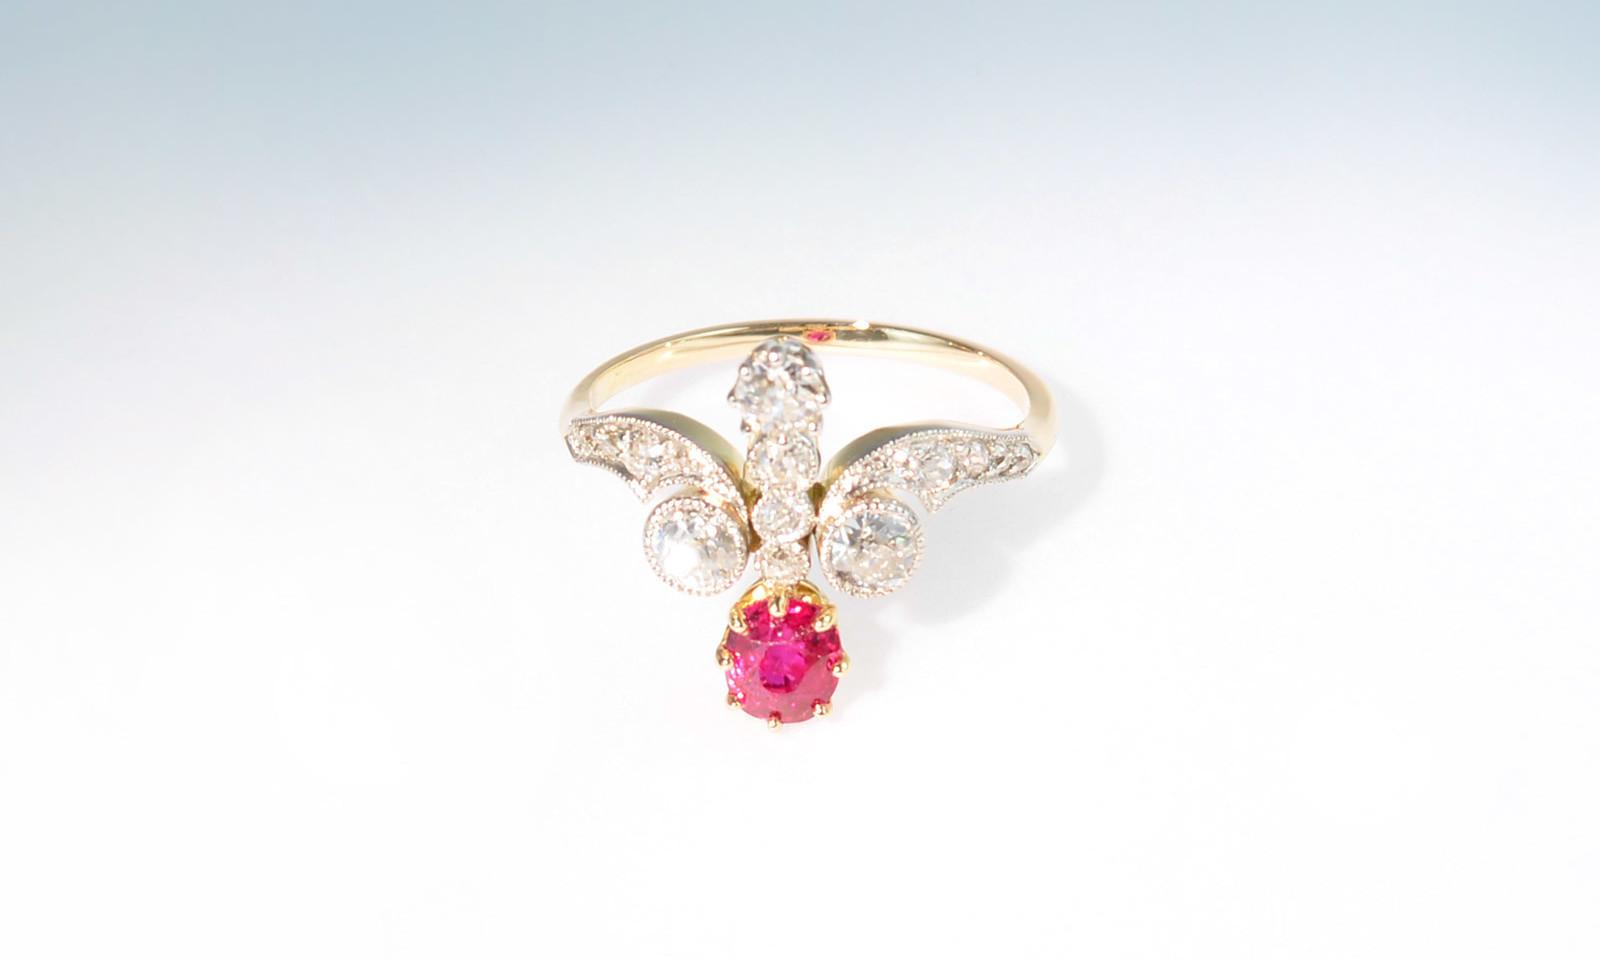 Ring belle epoque rubin 2. Ring Belle Epoque, Platin auf Gelbgold 750 mit Rubin 0.78 ct. und 16 Altschliff-Diamanten total ca. 0.70 ct., CHF 5600.-